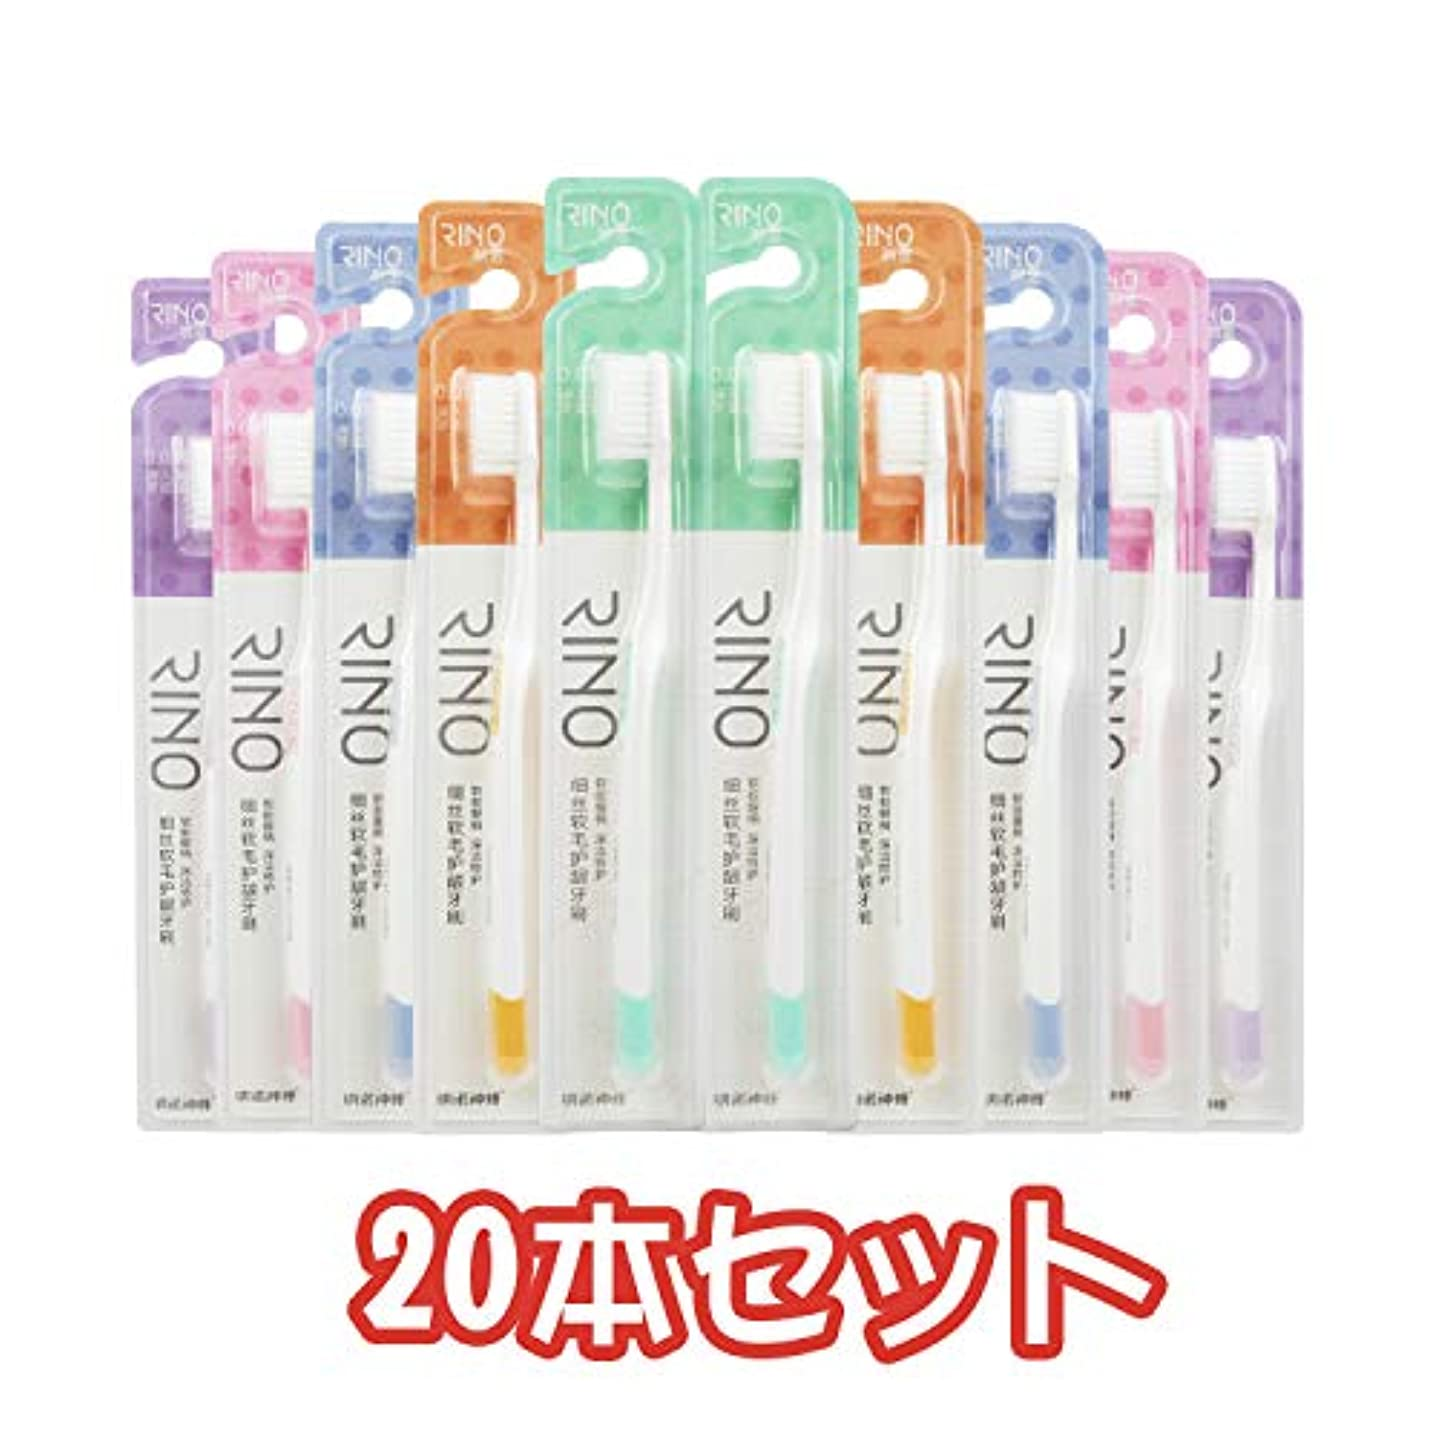 先大陸アサーNano 20本セット やわらかい 歯ブラシ 大人用 耐久性 旅行用 子供 卸売価格 安い歯ブラシ